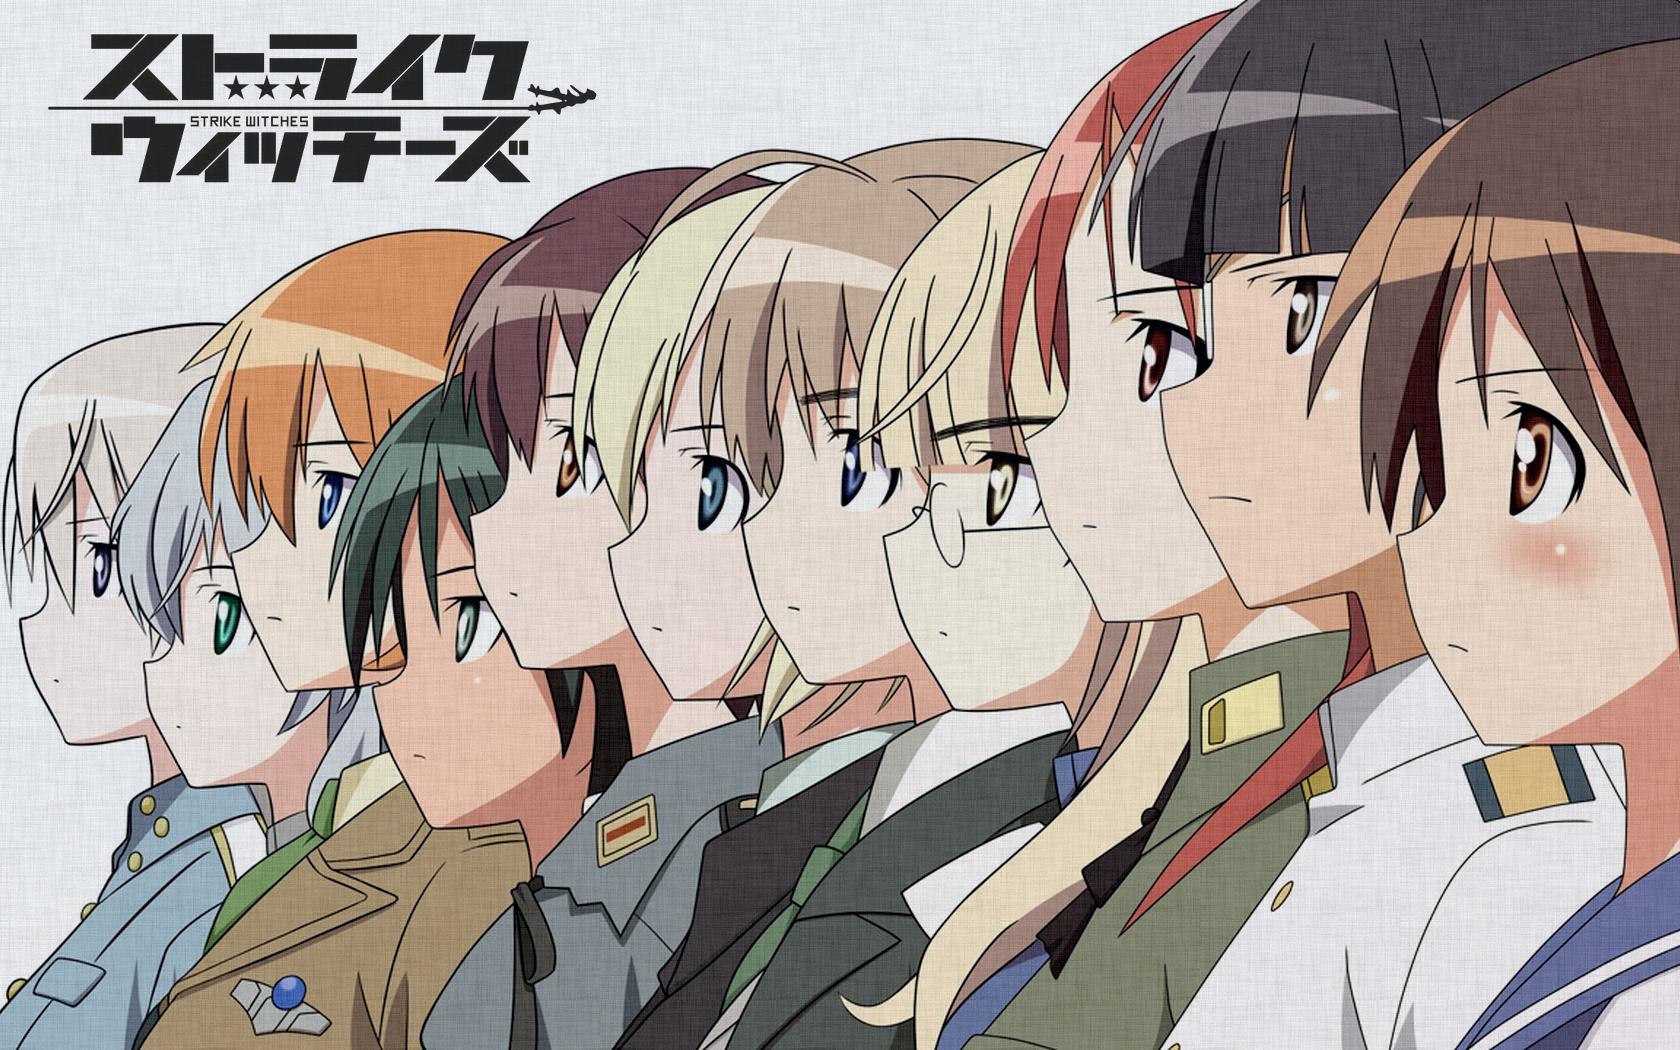 http://image.blog.livedoor.jp/animekurabu/imgs/f/5/f5f32b28.jpg